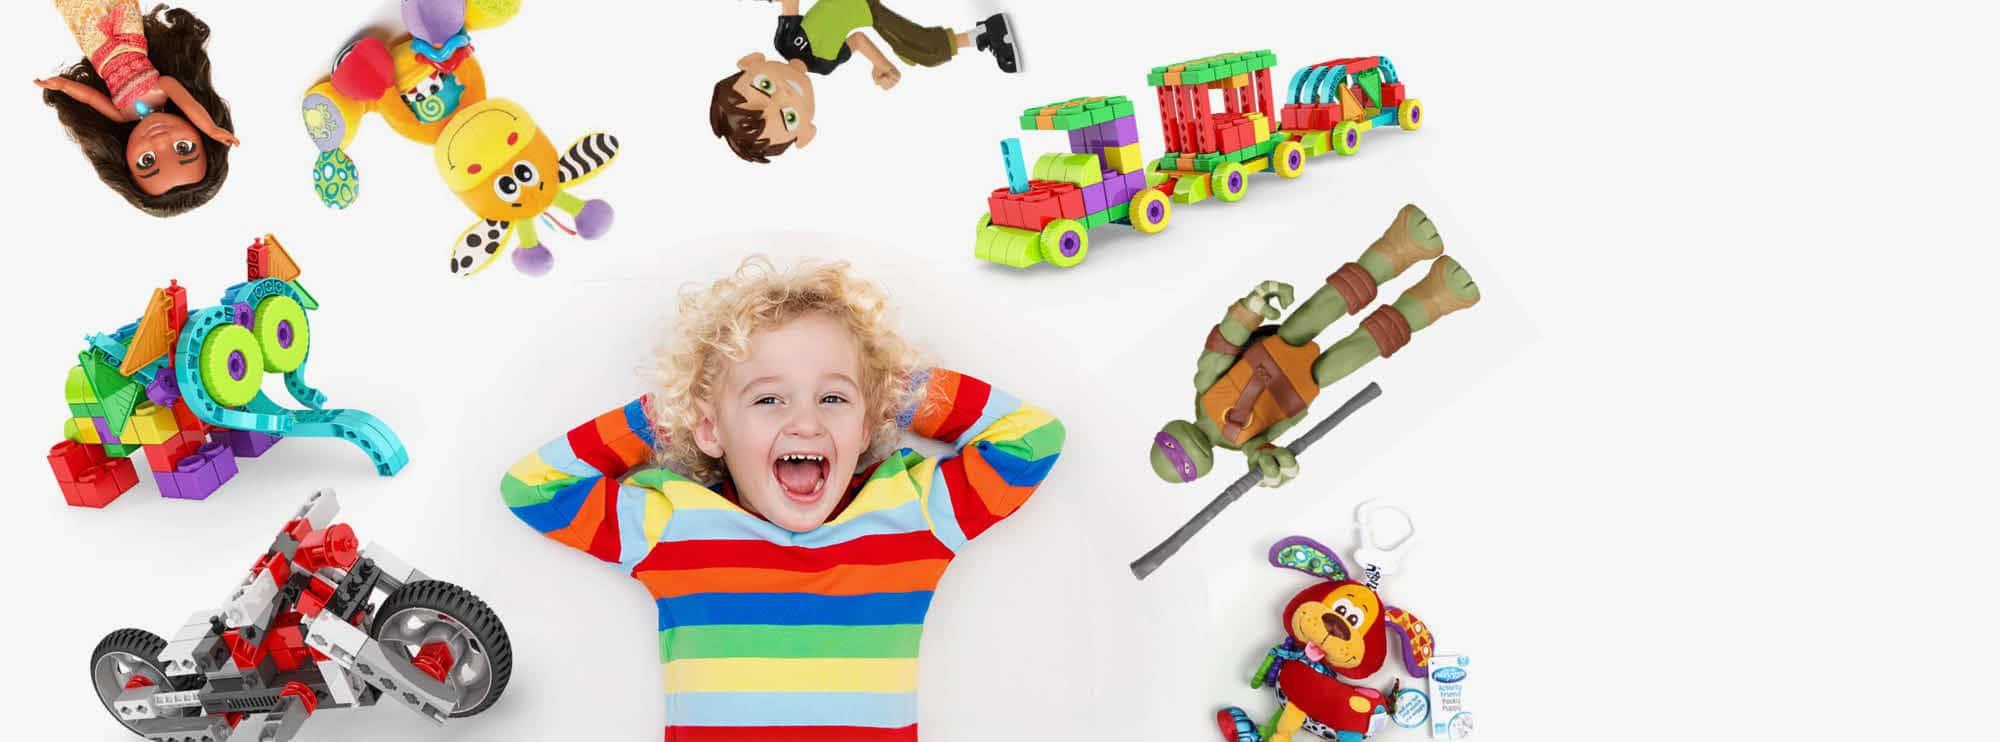 14 2 2 toys 2, חנות צעצועים, יצירות, צעצועים לתינוקות, משחקים לבנות